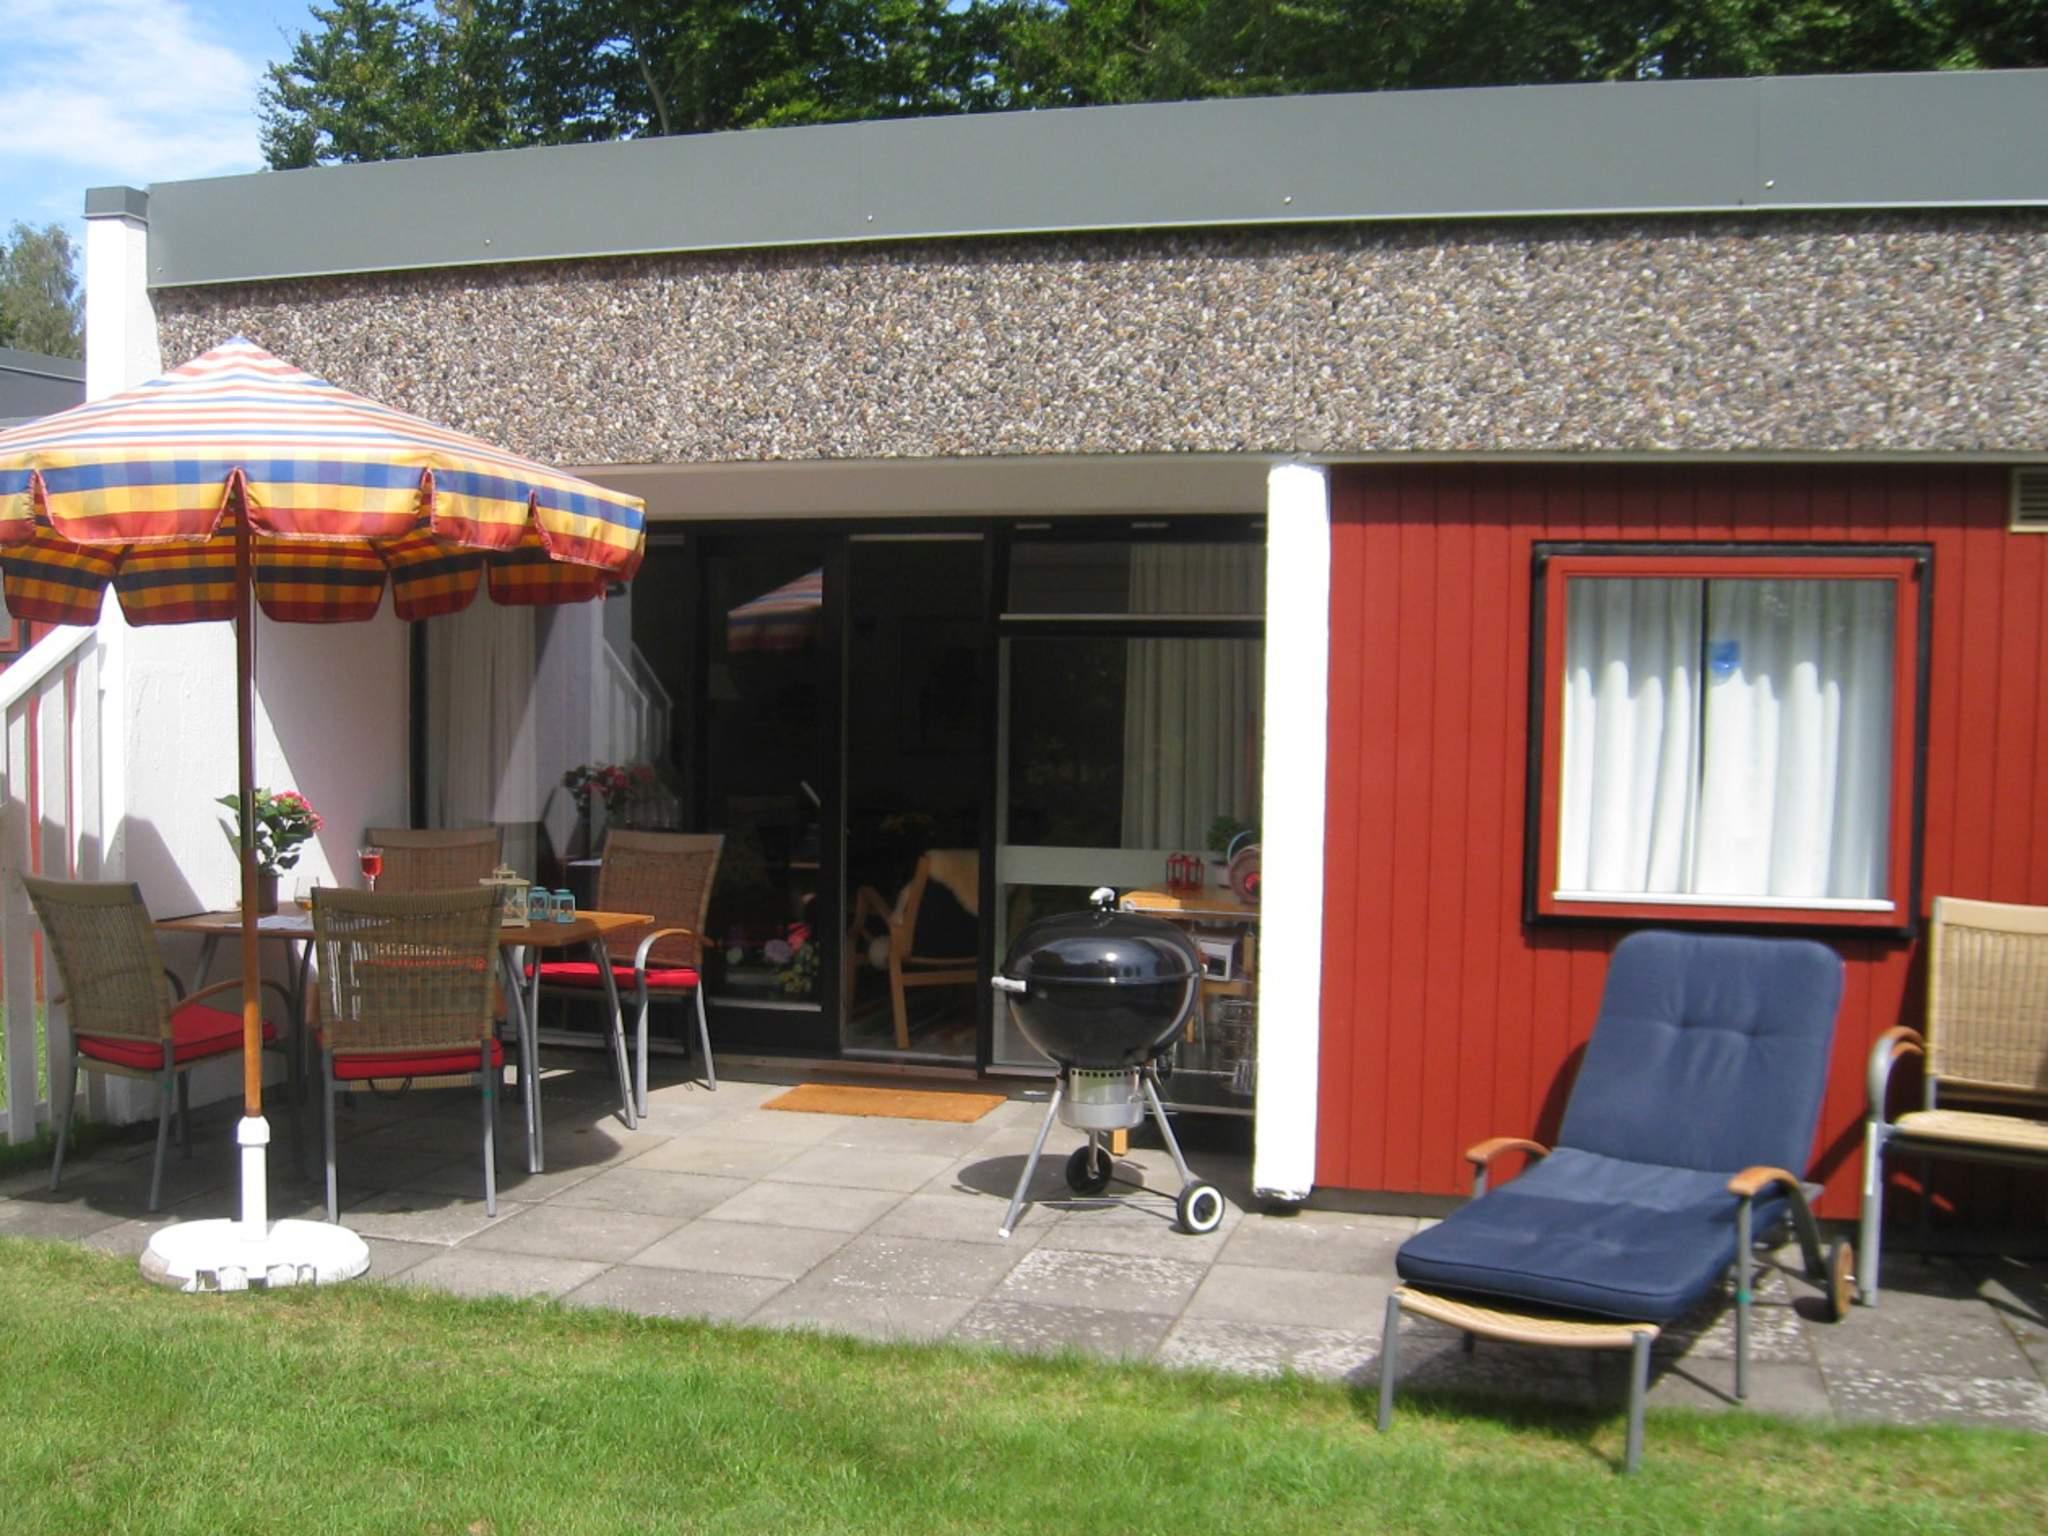 Ferienwohnung Hasle (670964), Hasle, , Bornholm, Dänemark, Bild 1